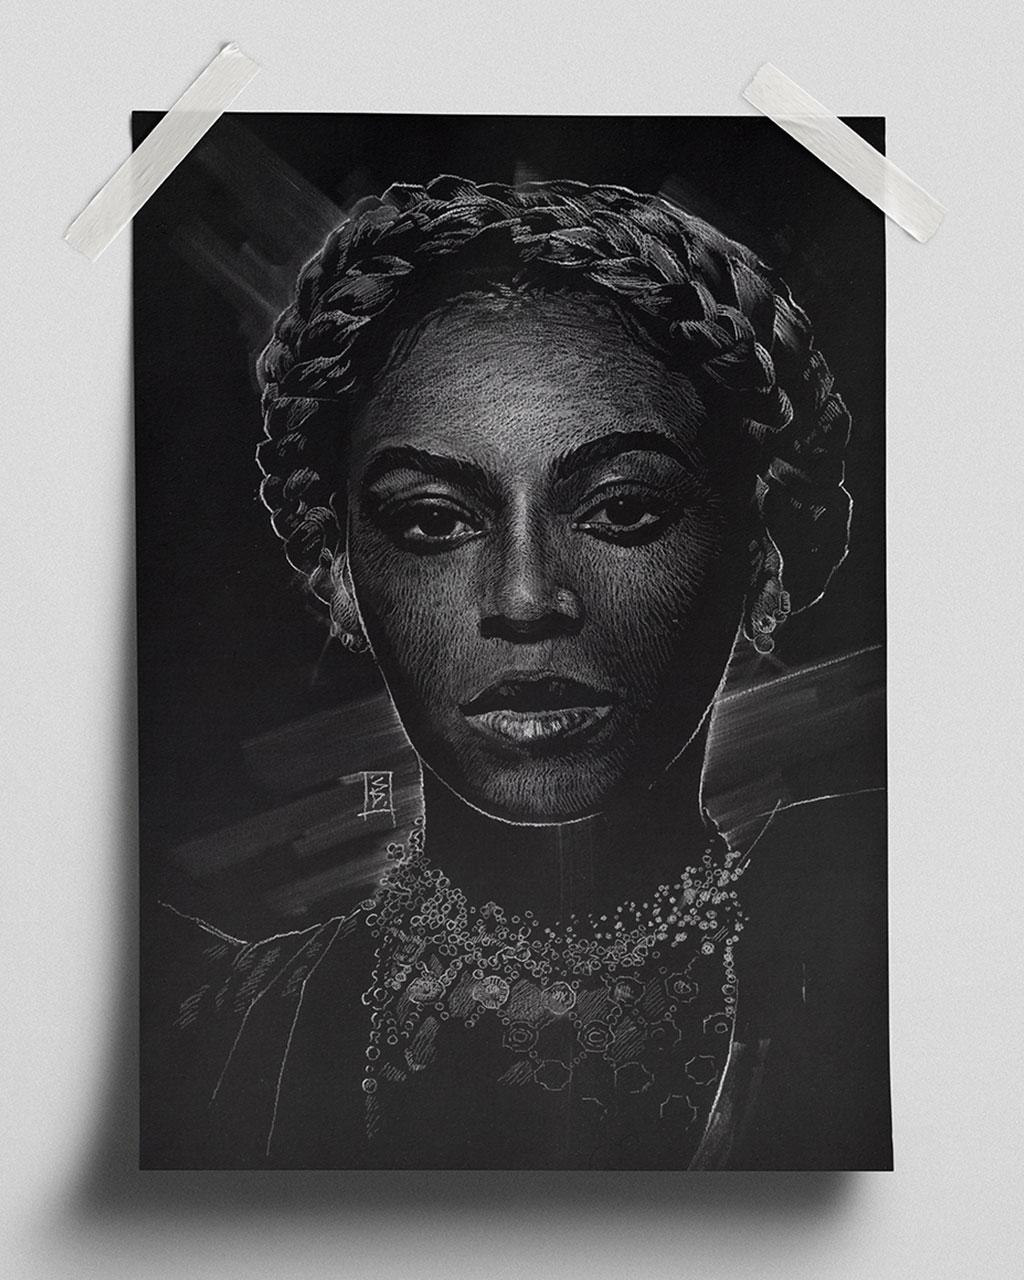 Beyoncé - Fine Art Print (Gliceé)